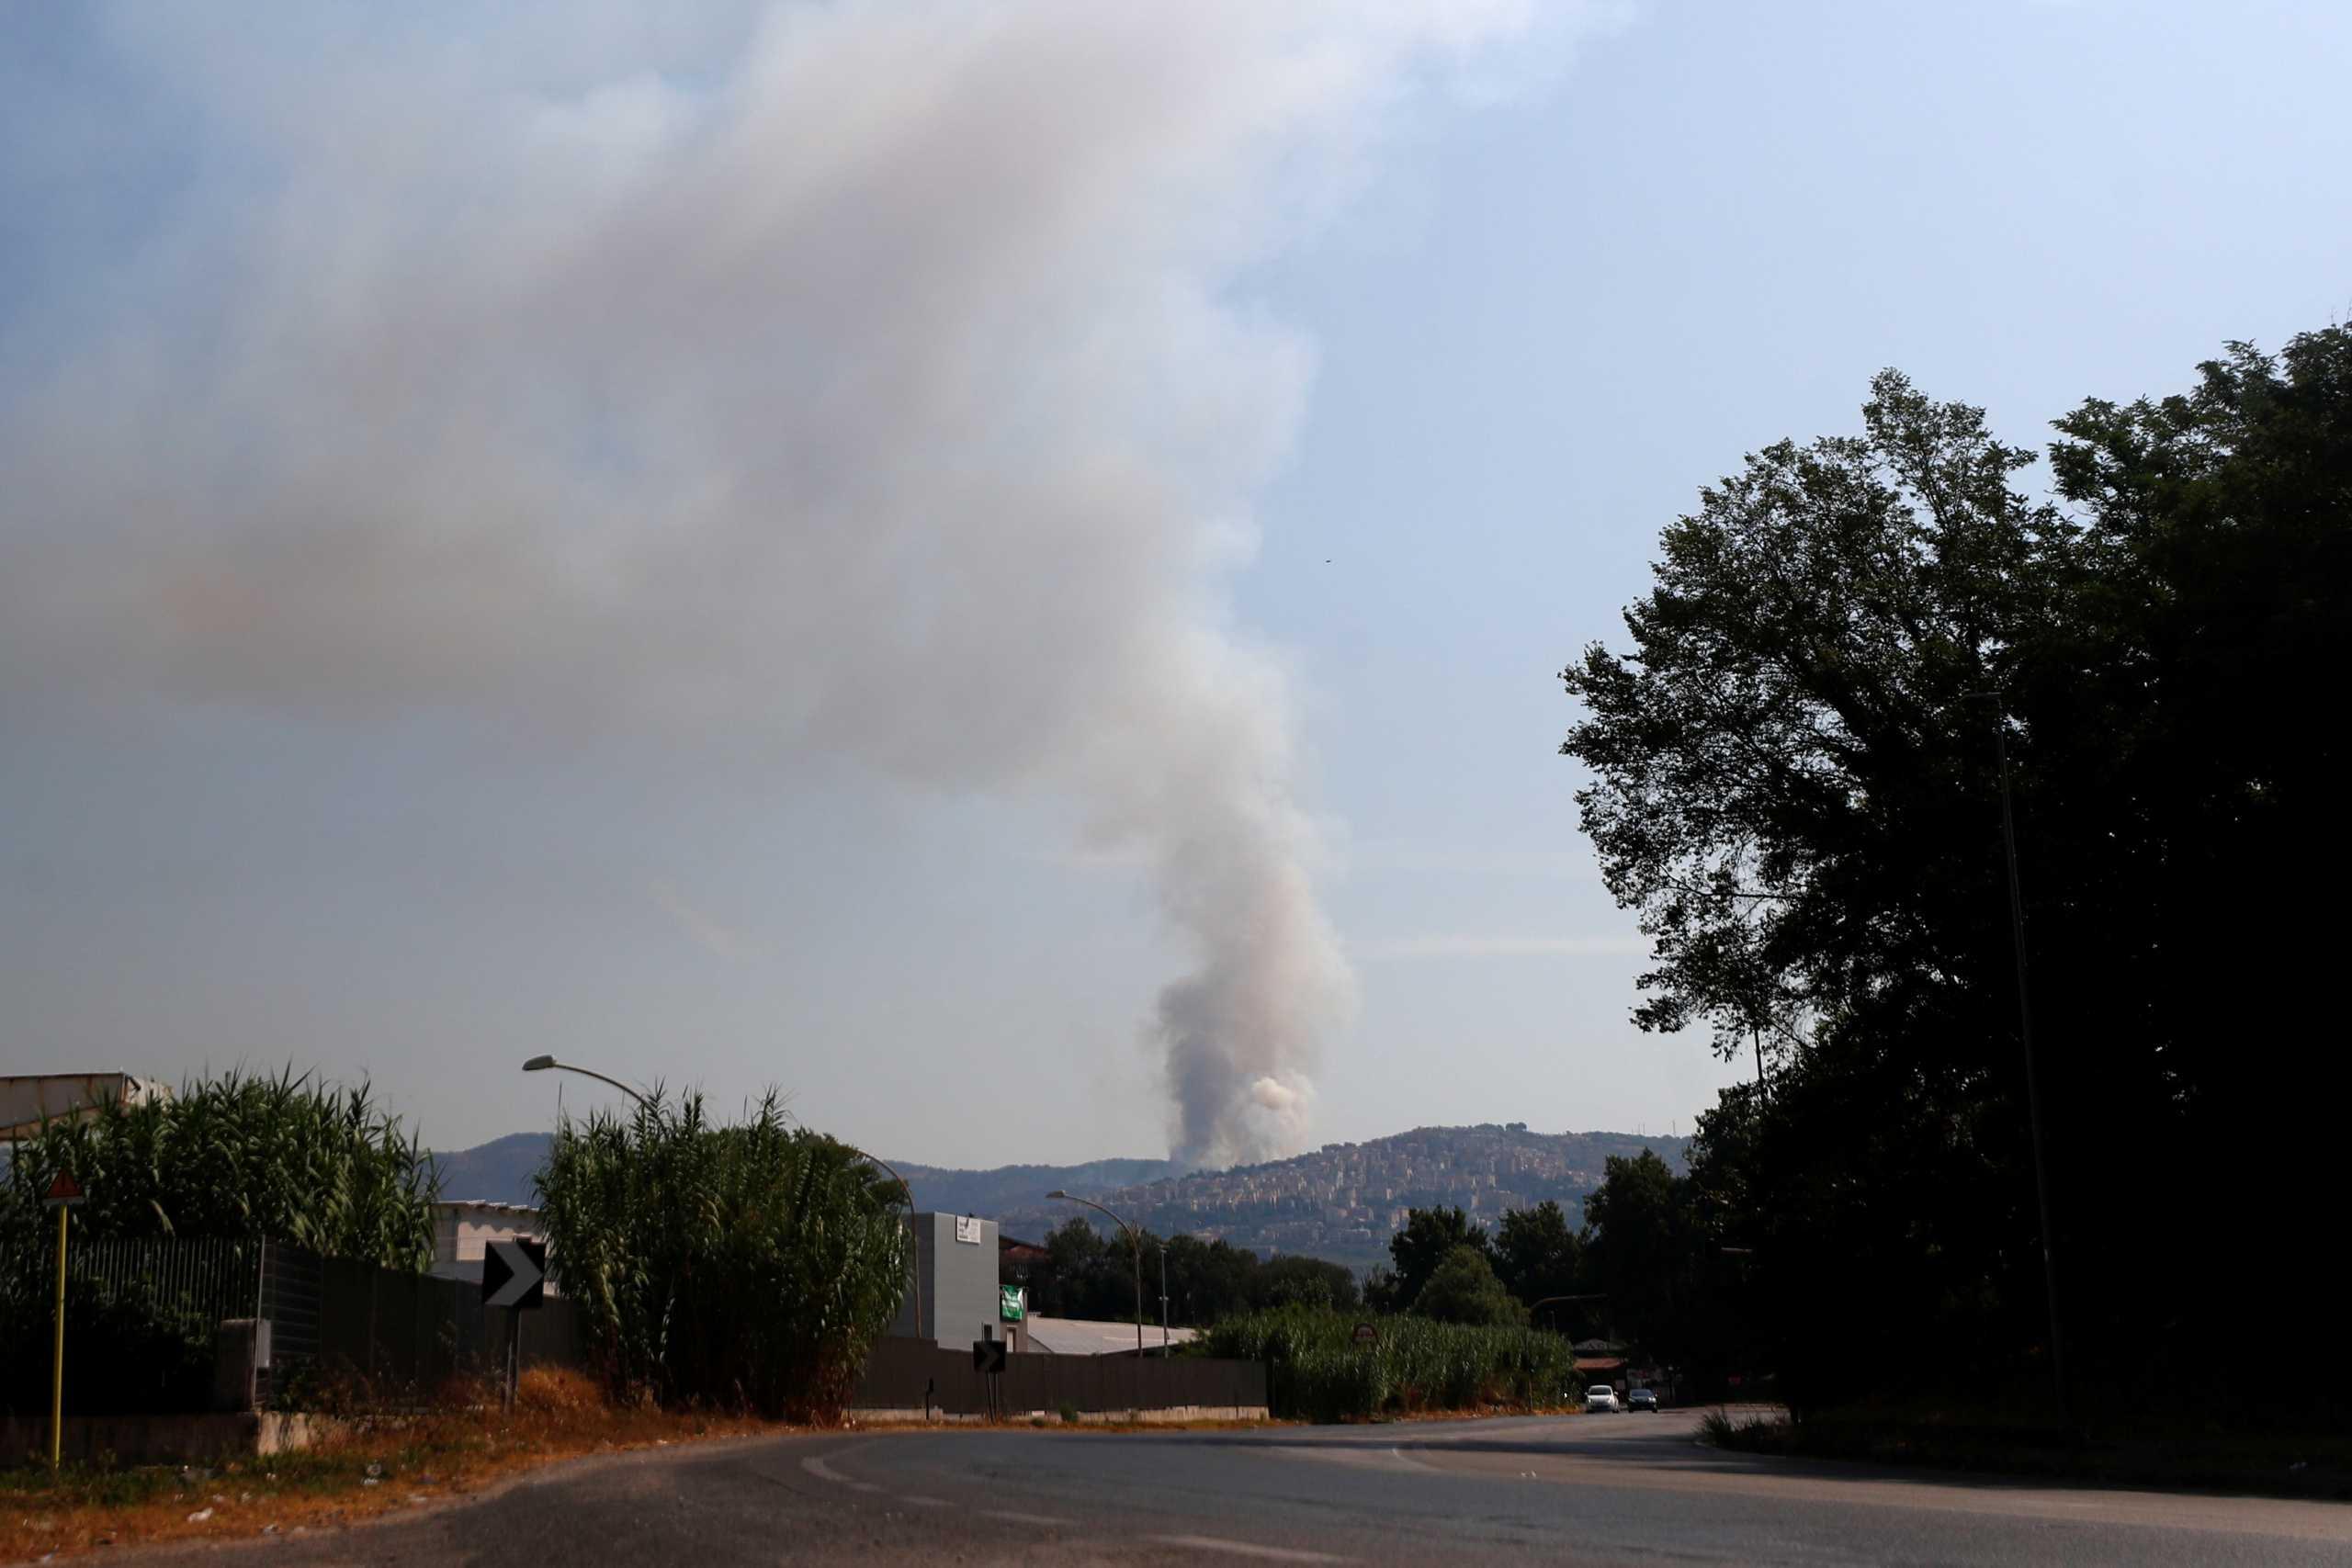 Ιταλία: Έβαζαν φωτιές για να δημιουργήσουν βοσκοτόπια